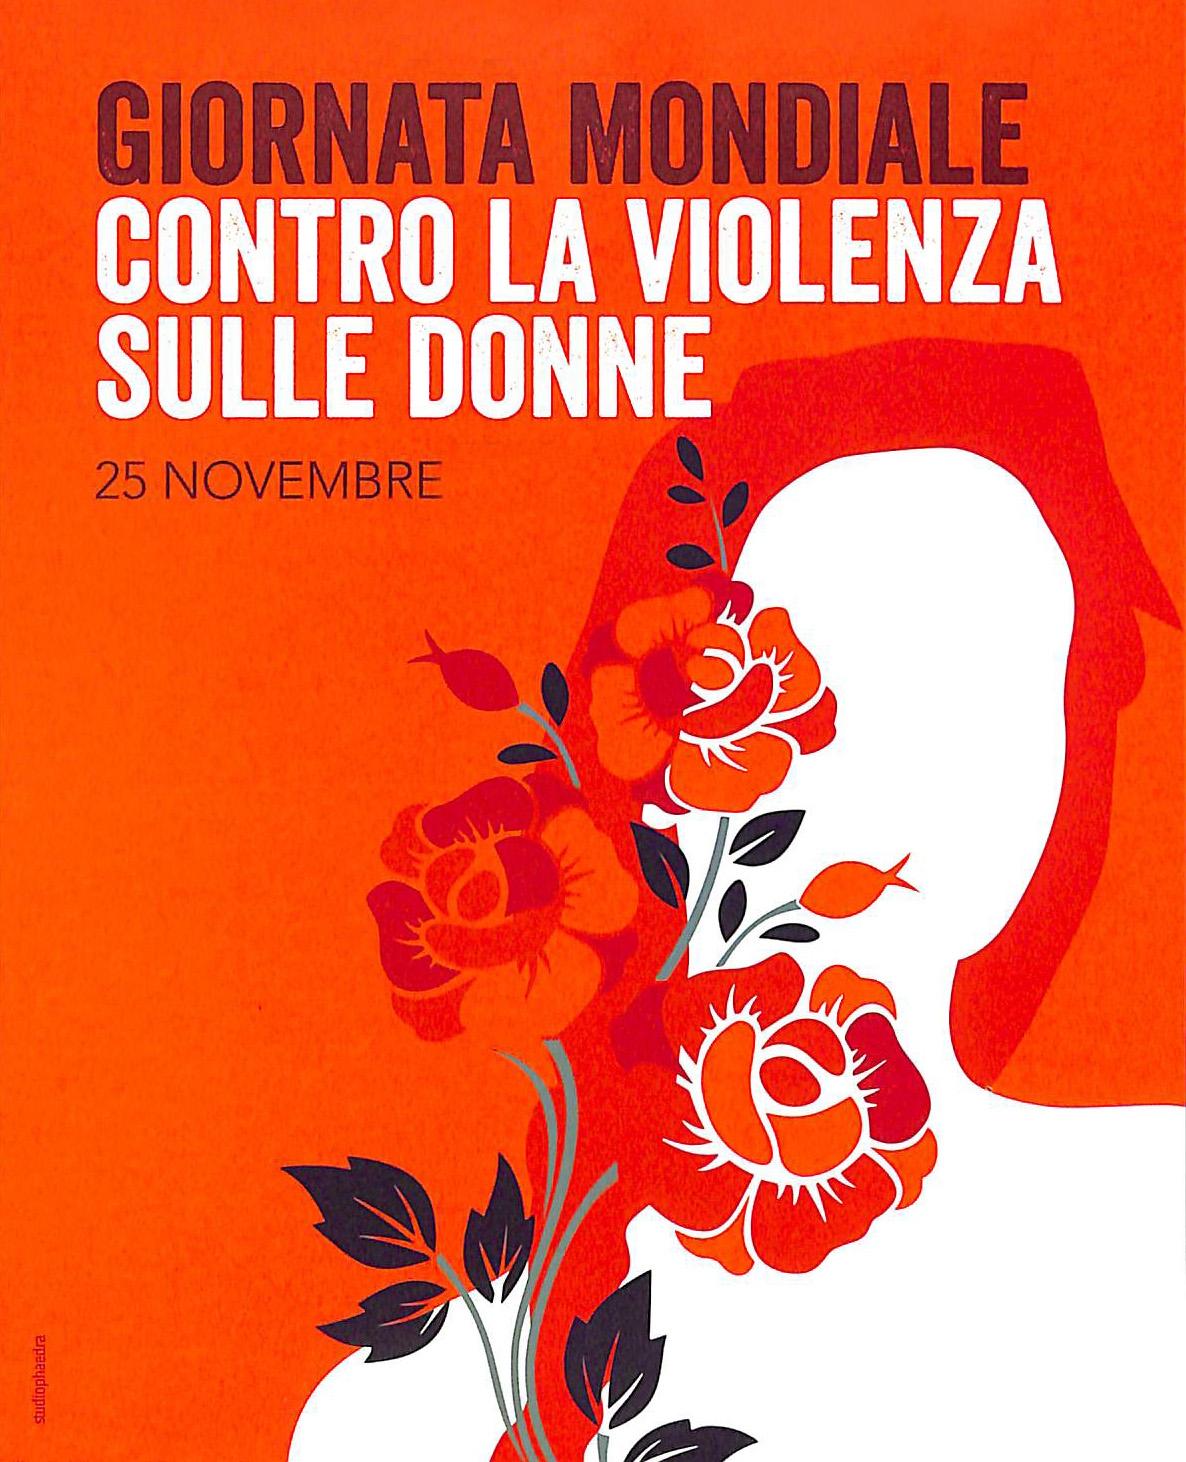 25 novembre giornata mondiale contro la violenza sulle donne basta con i soliti stereotipi nella narrazione della violenza la violenza sulle donne basta